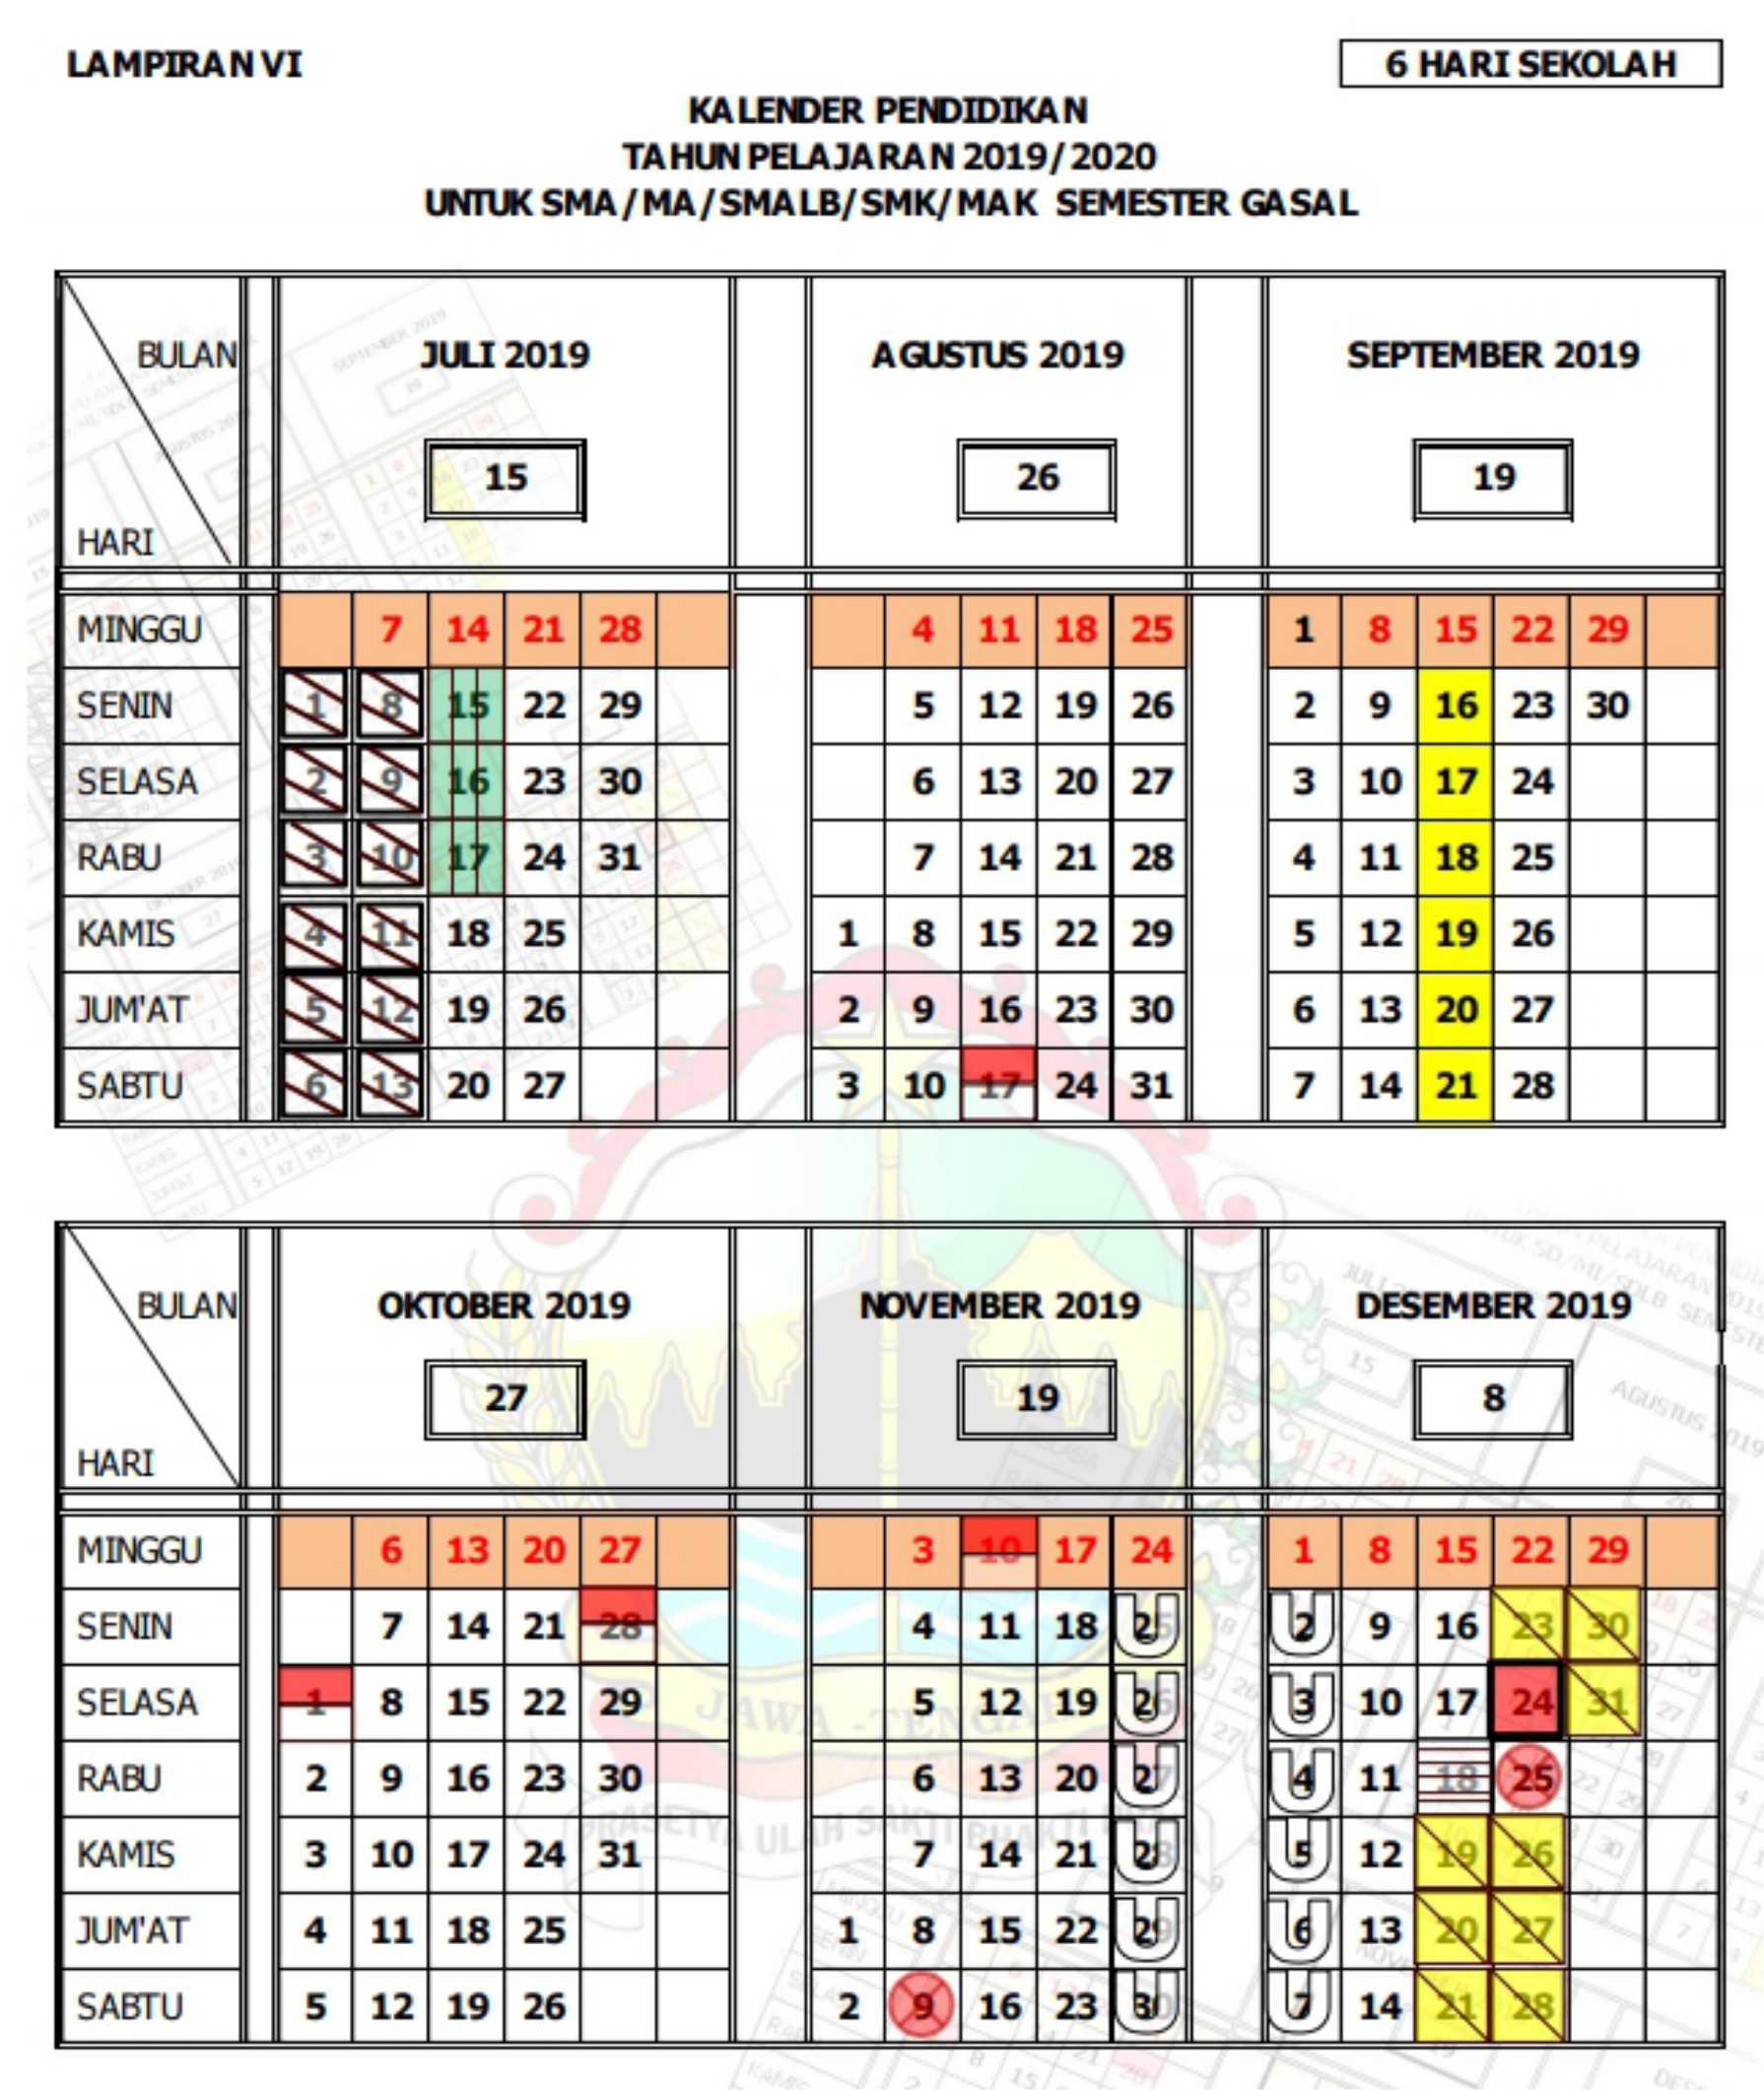 kalender pendidikan tahun pelajaran 2019 - 2020 semester gasal(ganjil) SMA MA SMALB SMK MAK (6 hari sekolah) provinsi jawa tengah